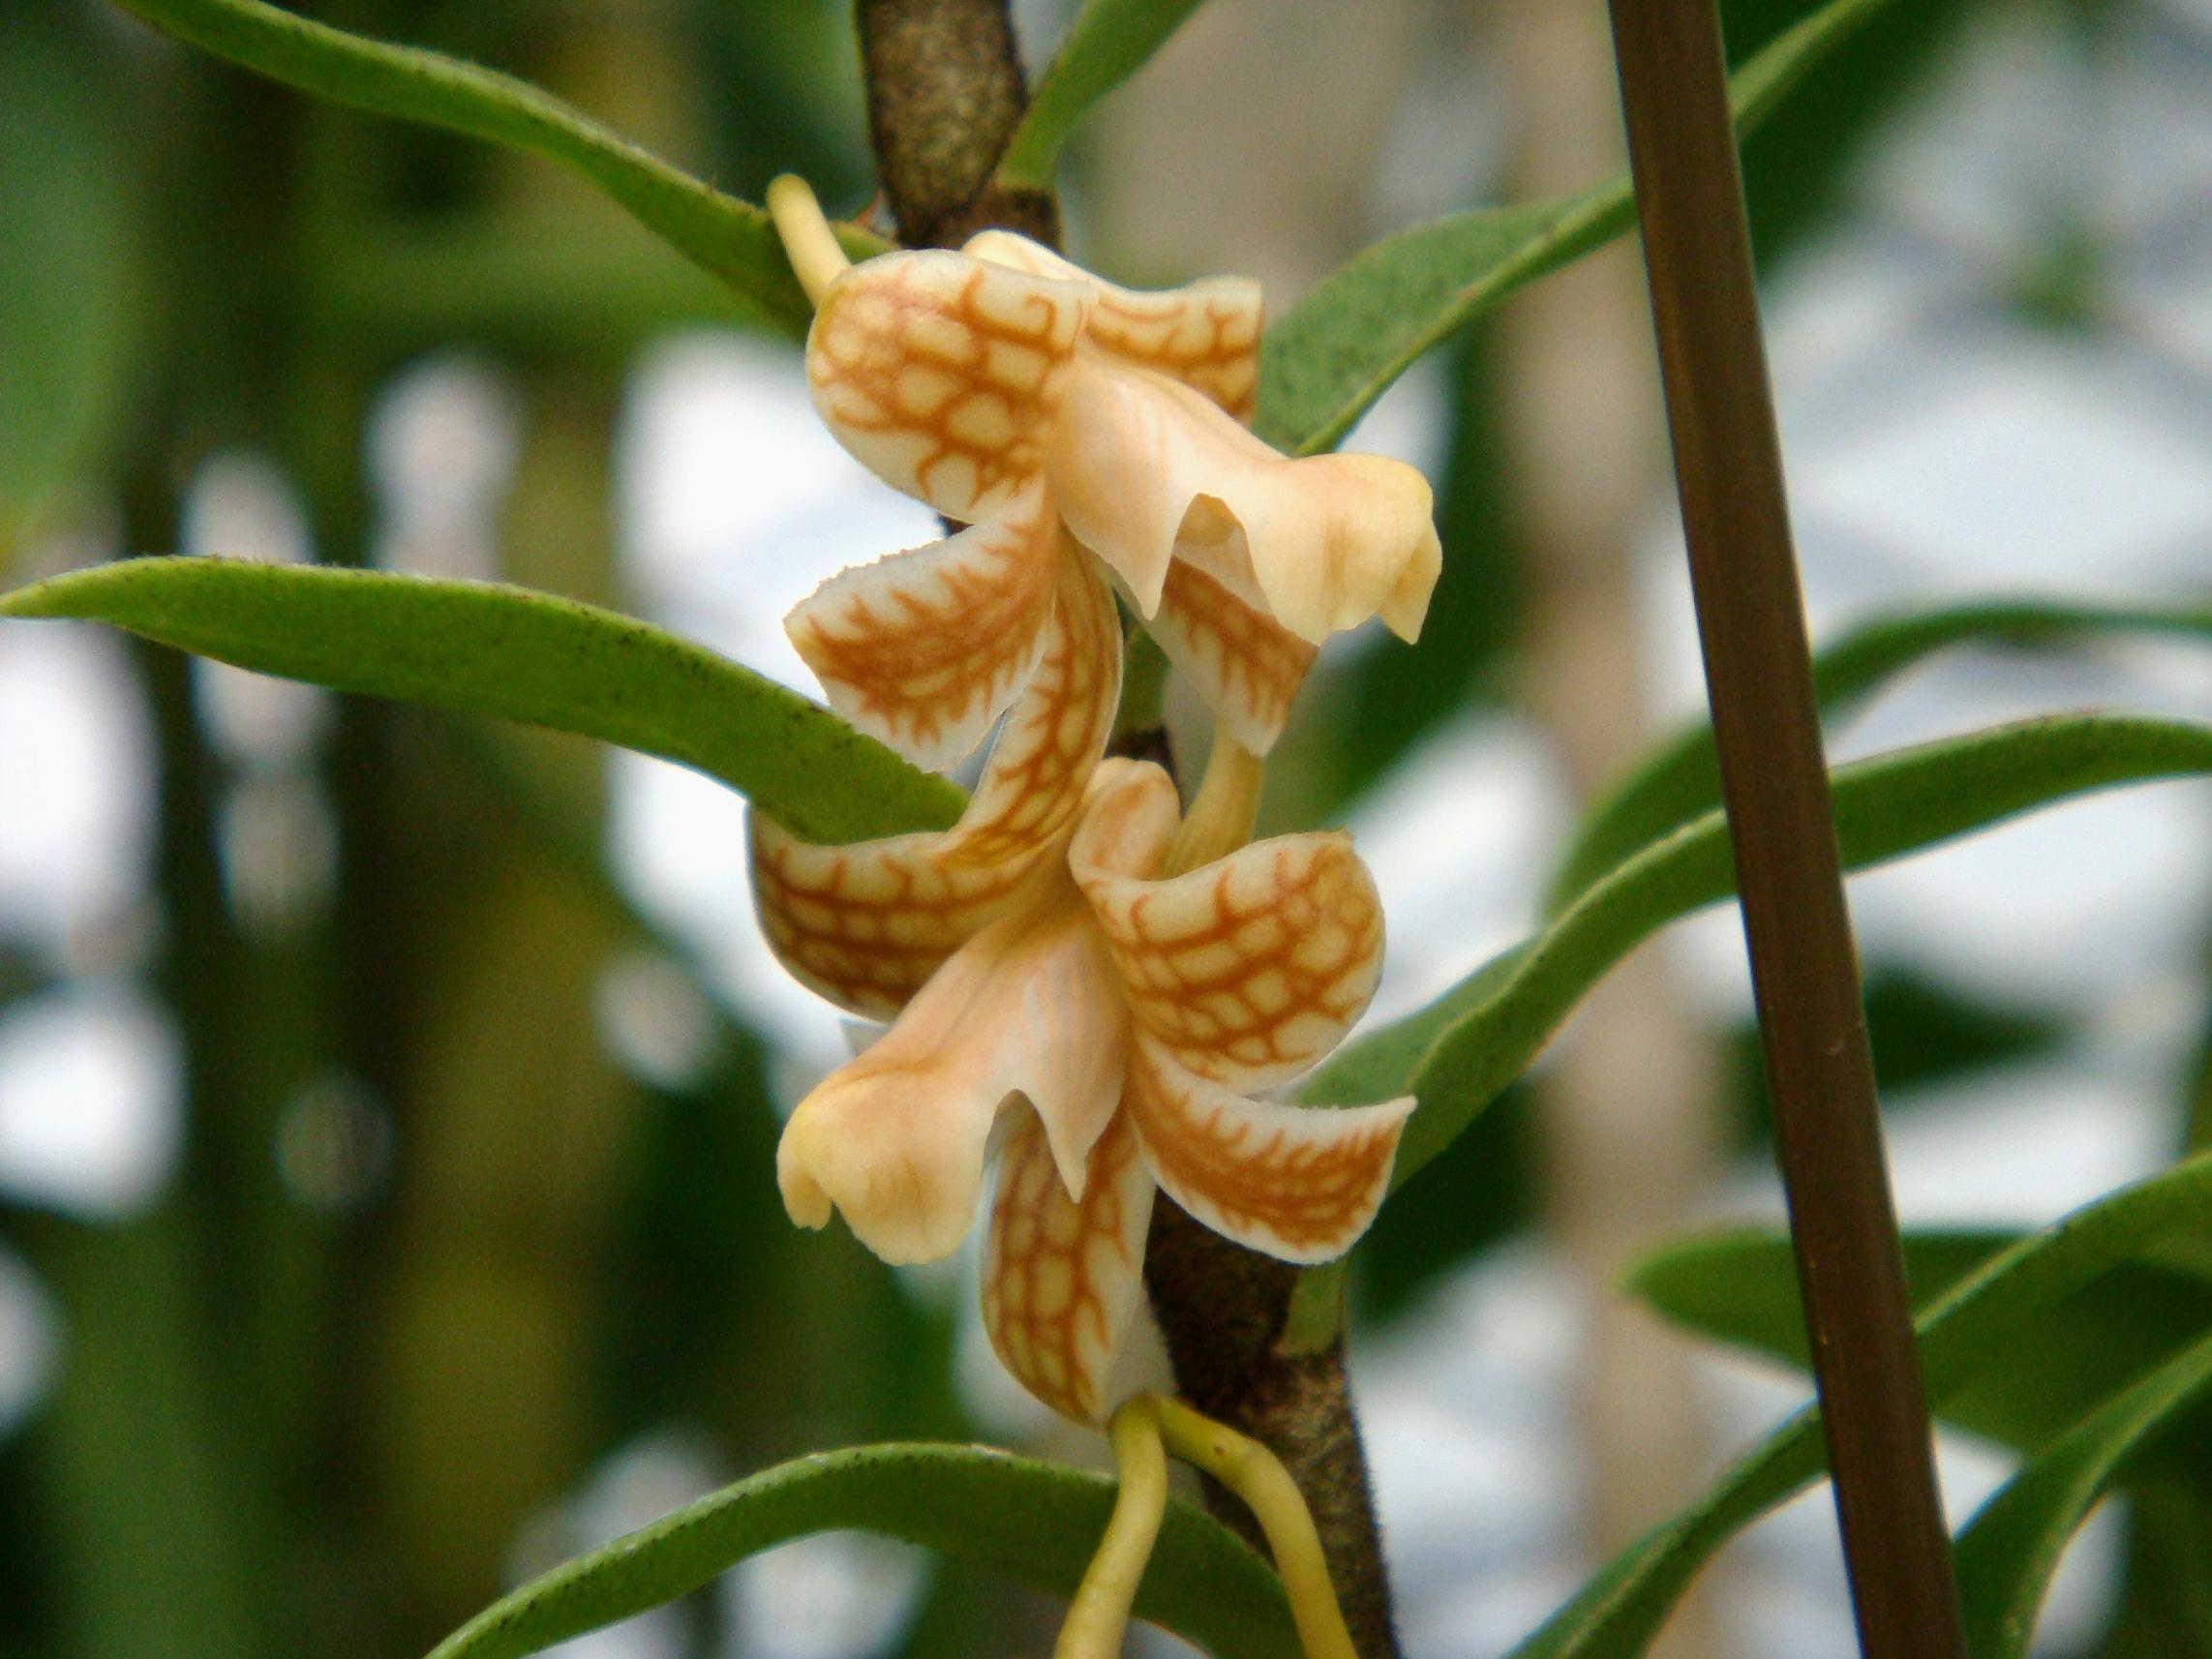 http://orchids.la.coocan.jp/Dendrobium/Dendrobium%20nemorale/DSC01864.JPG